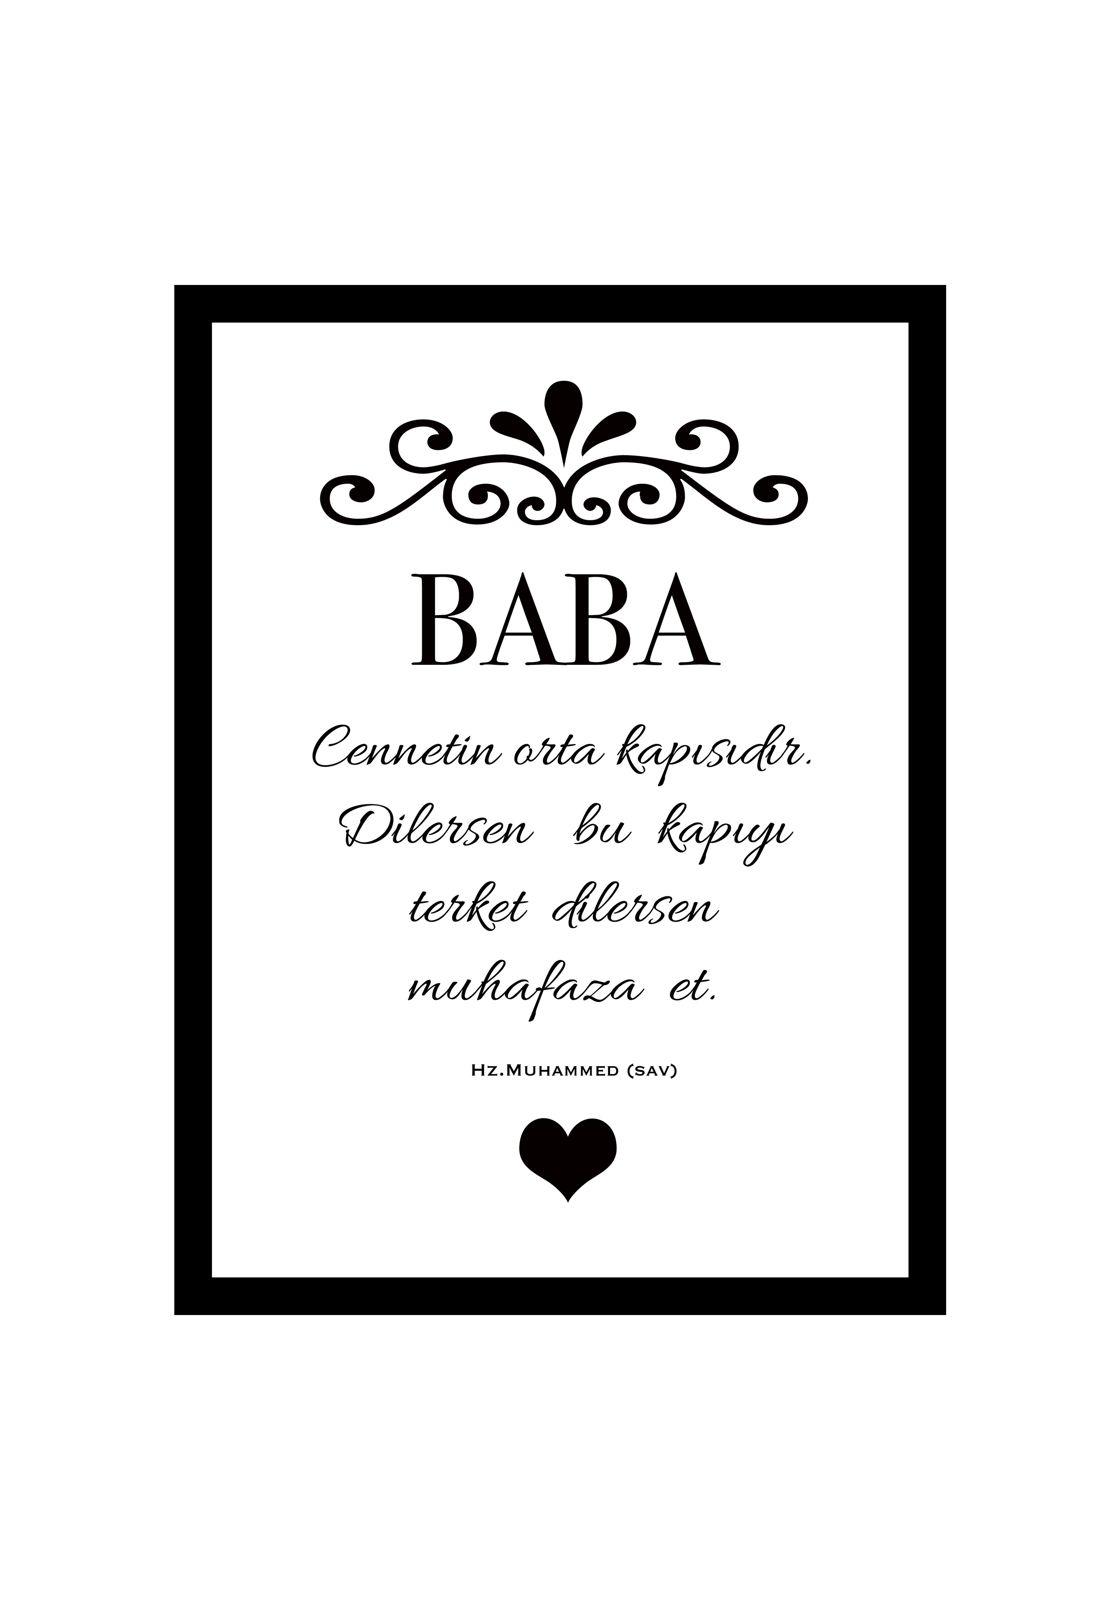 Baba - Hadis_opt